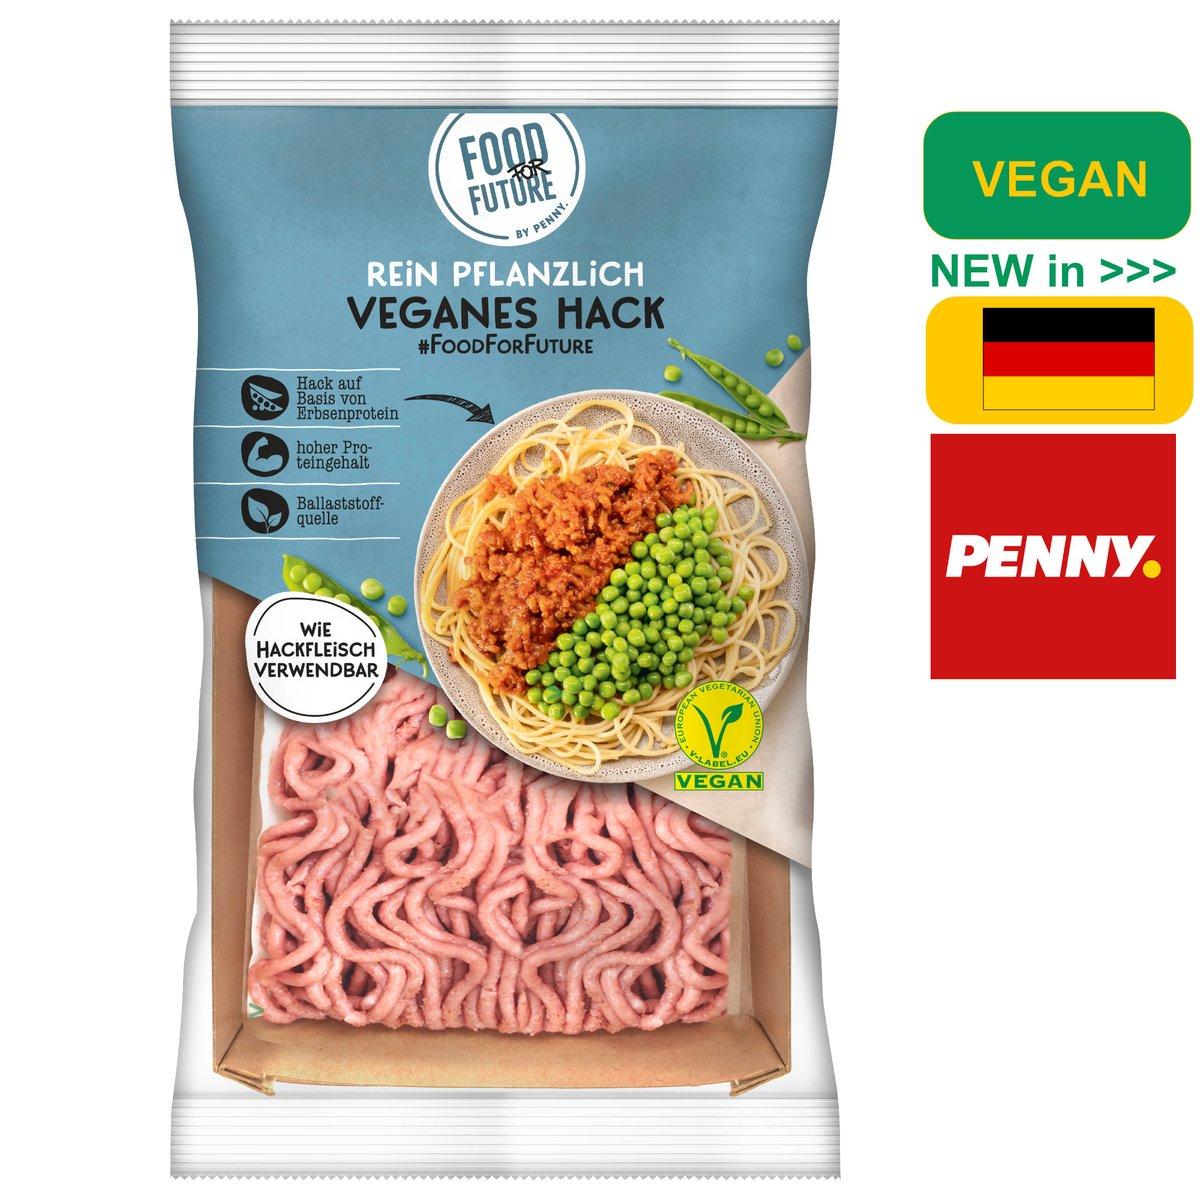 """Penny startet mit der Marke """"Food for Future"""" als erster Discounter eine übergreifende vegane Eigenmarke. Zuerst mit  """"veganem Hack"""" und """"veganen Burger Patties"""" auf Basis von Erbsenproteinen - ab sofort und dauerhaft erhältlich.  #vegan #hack #veganeshack #penny #foodforfuture https://t.co/clogUD0fHc"""